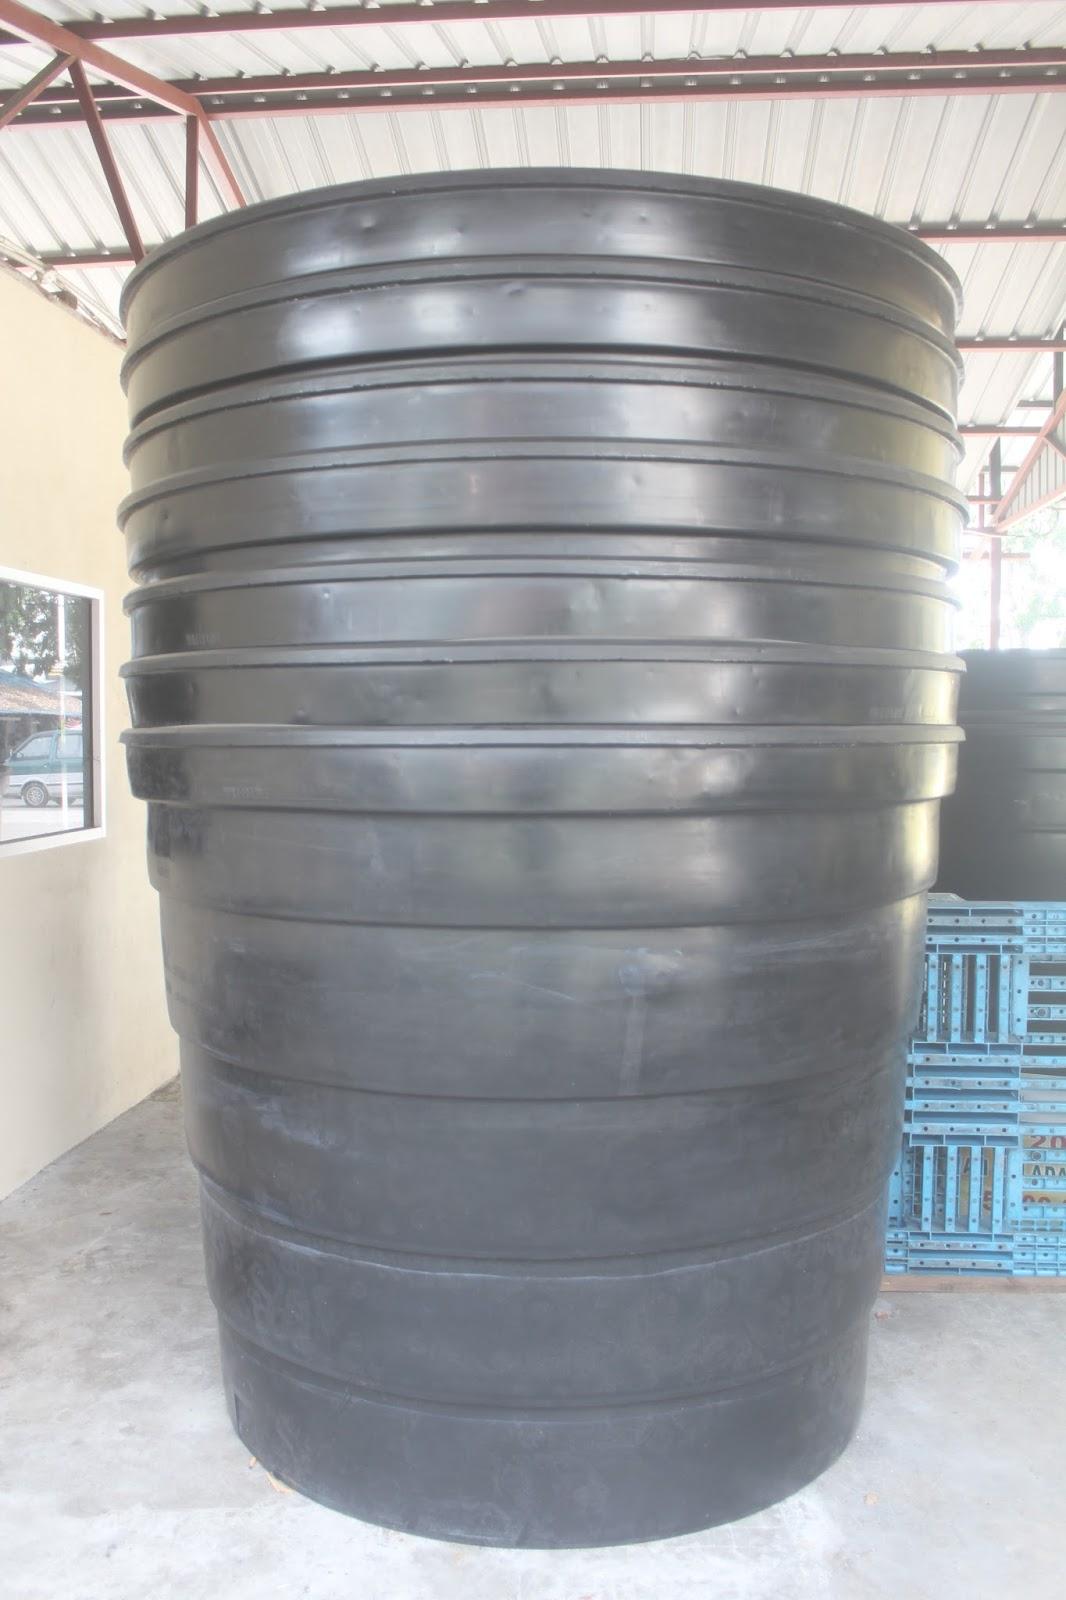 Polytank 600 Gallon - RM580.00